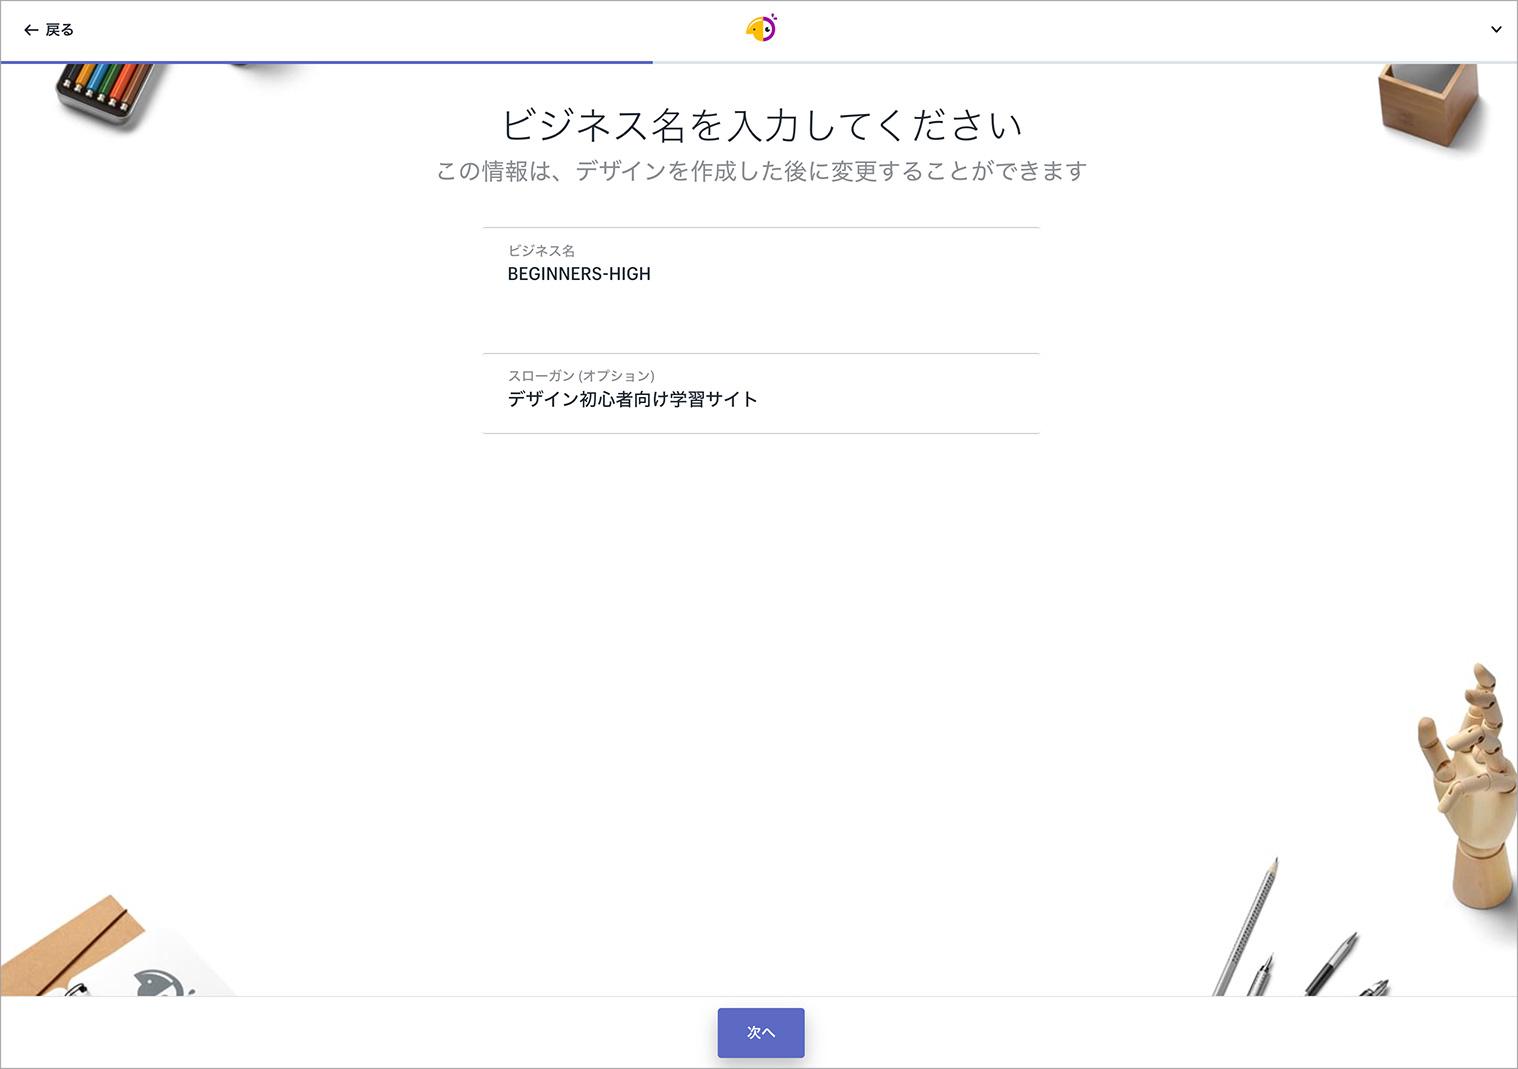 無料ロゴ作成サービス-hatchful ロゴ名入力